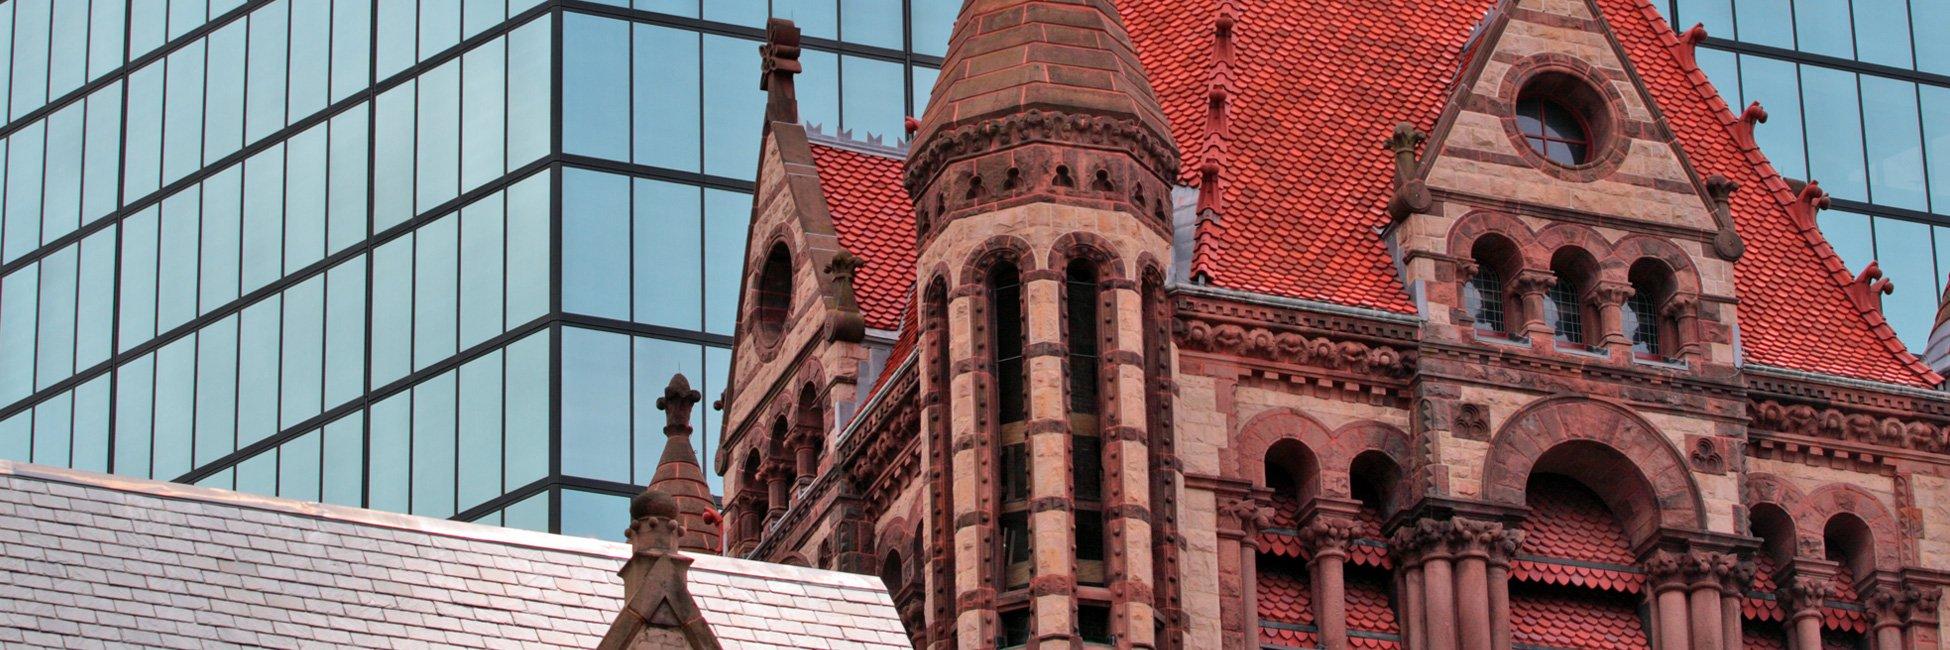 Boston office - Bain & Company